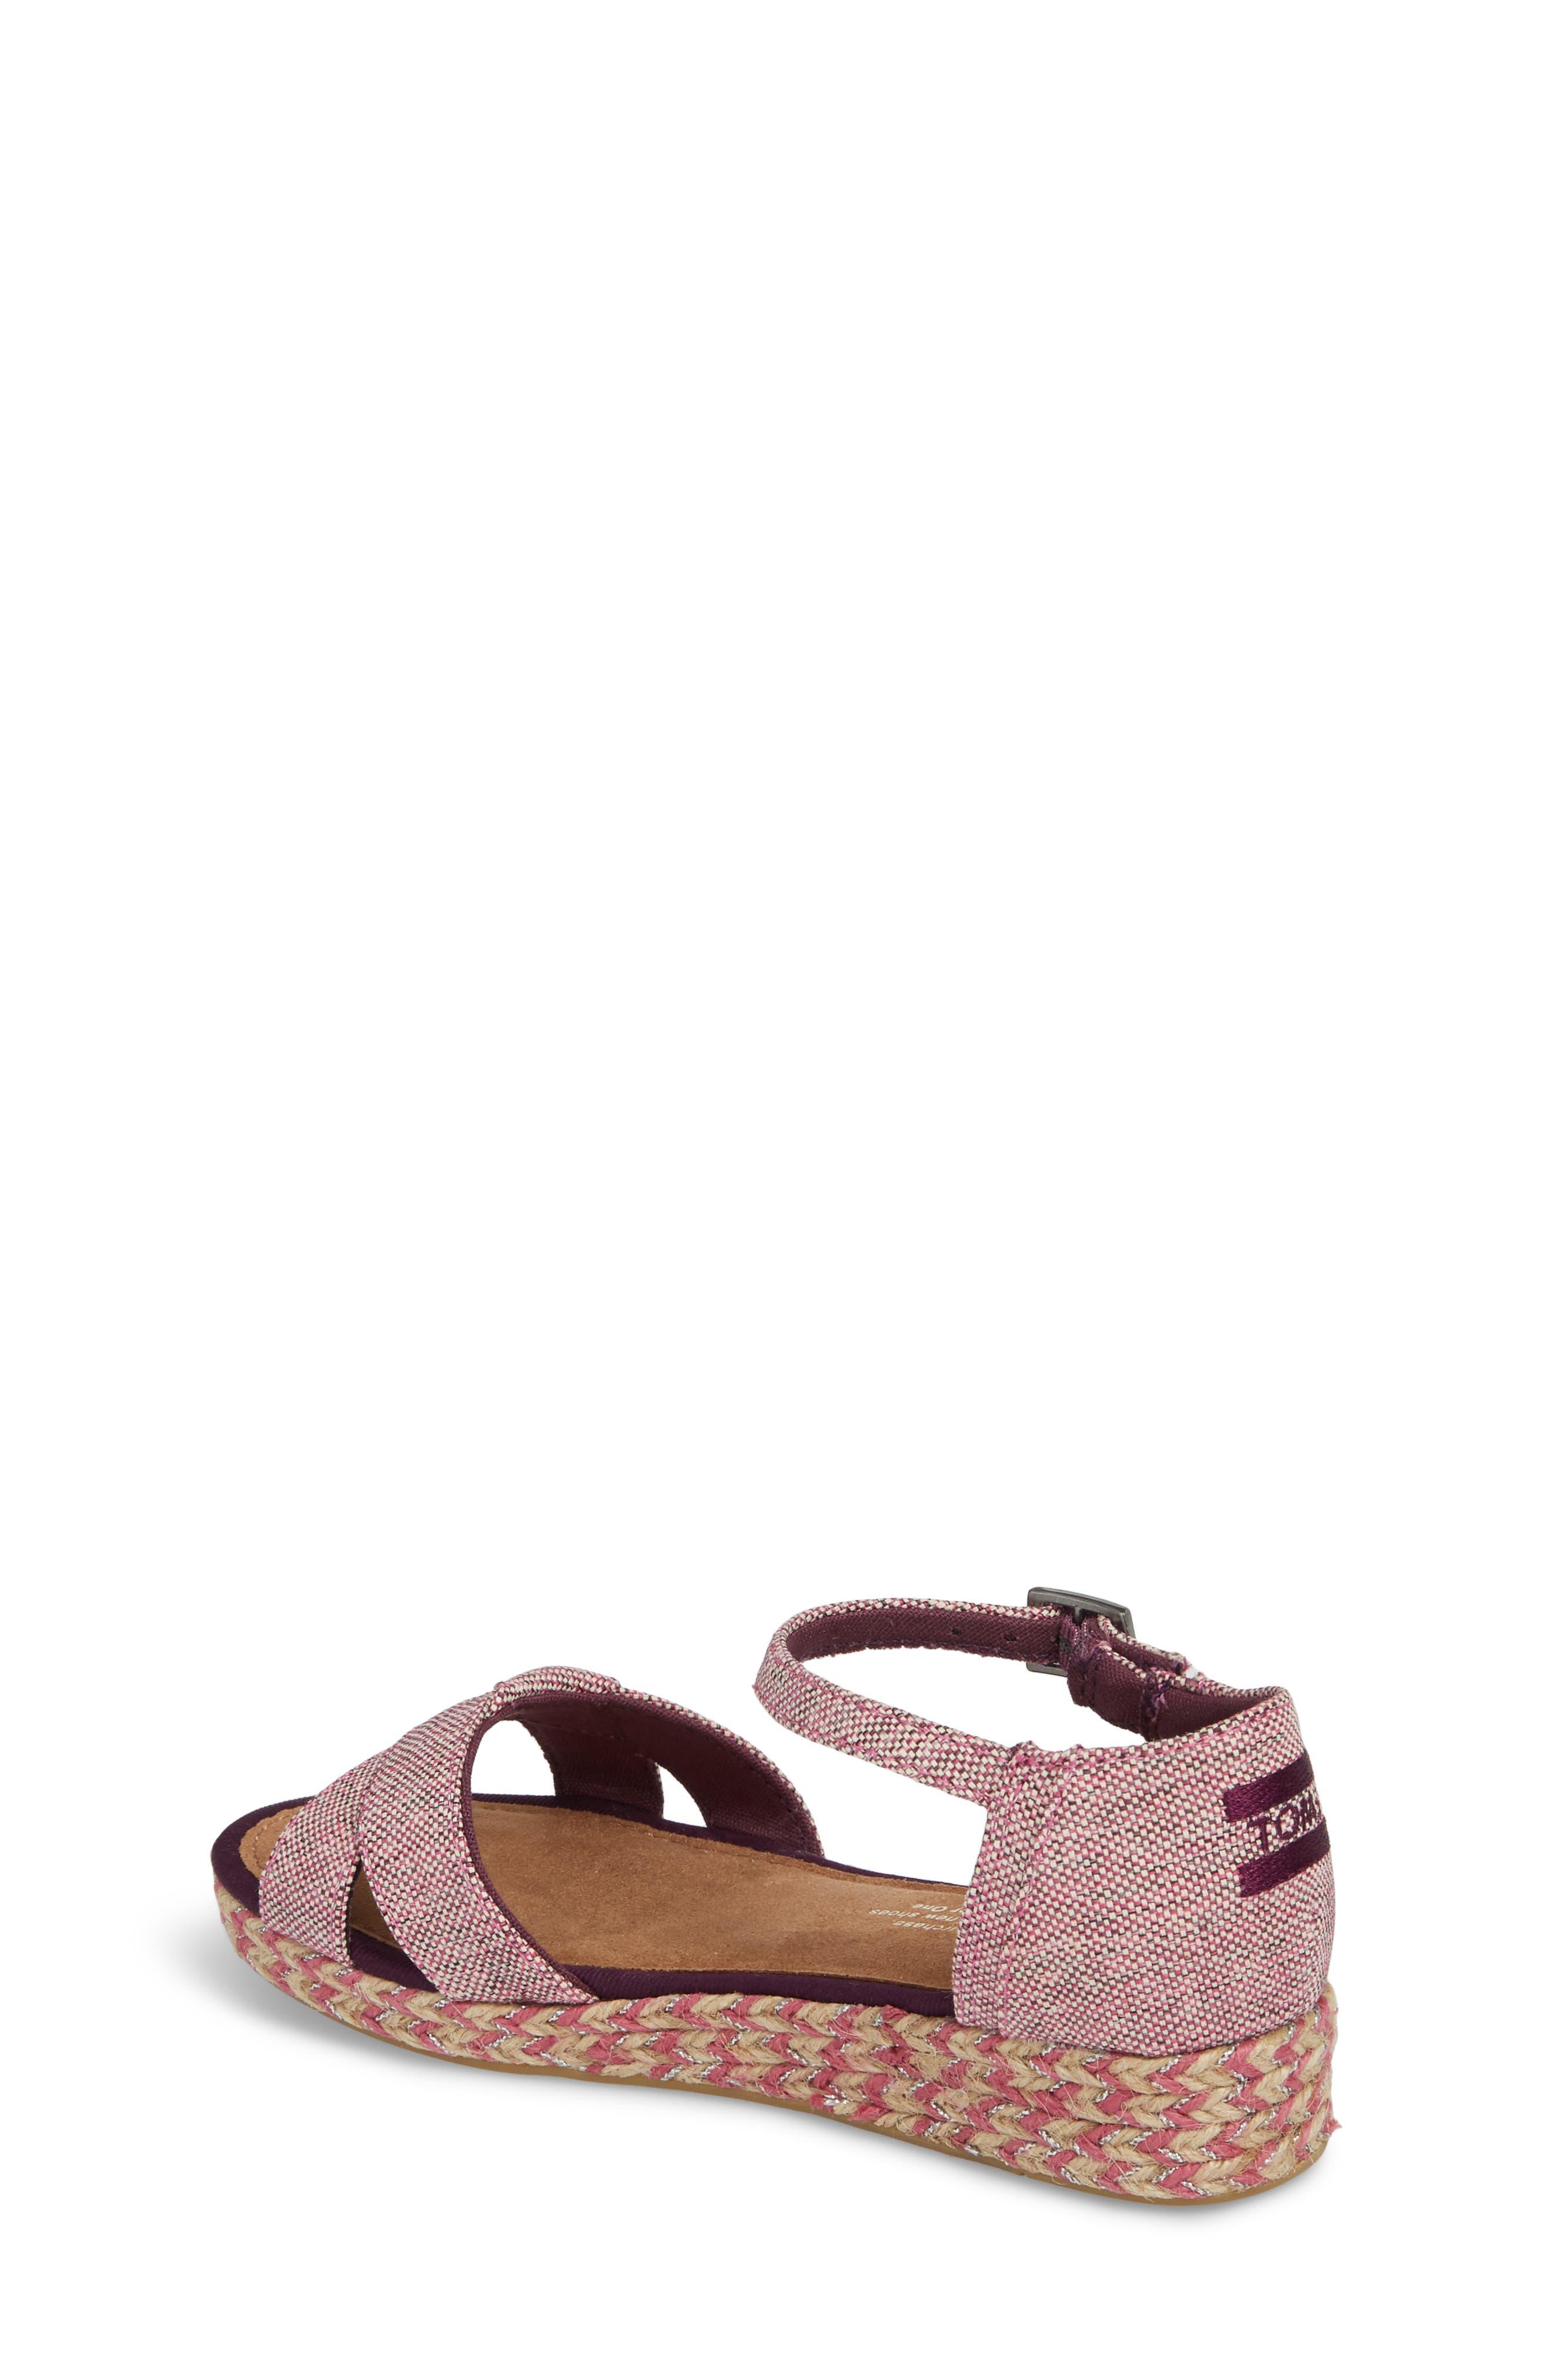 Harper Wedge Sandal,                             Alternate thumbnail 2, color,                             Plum Oxford Melange